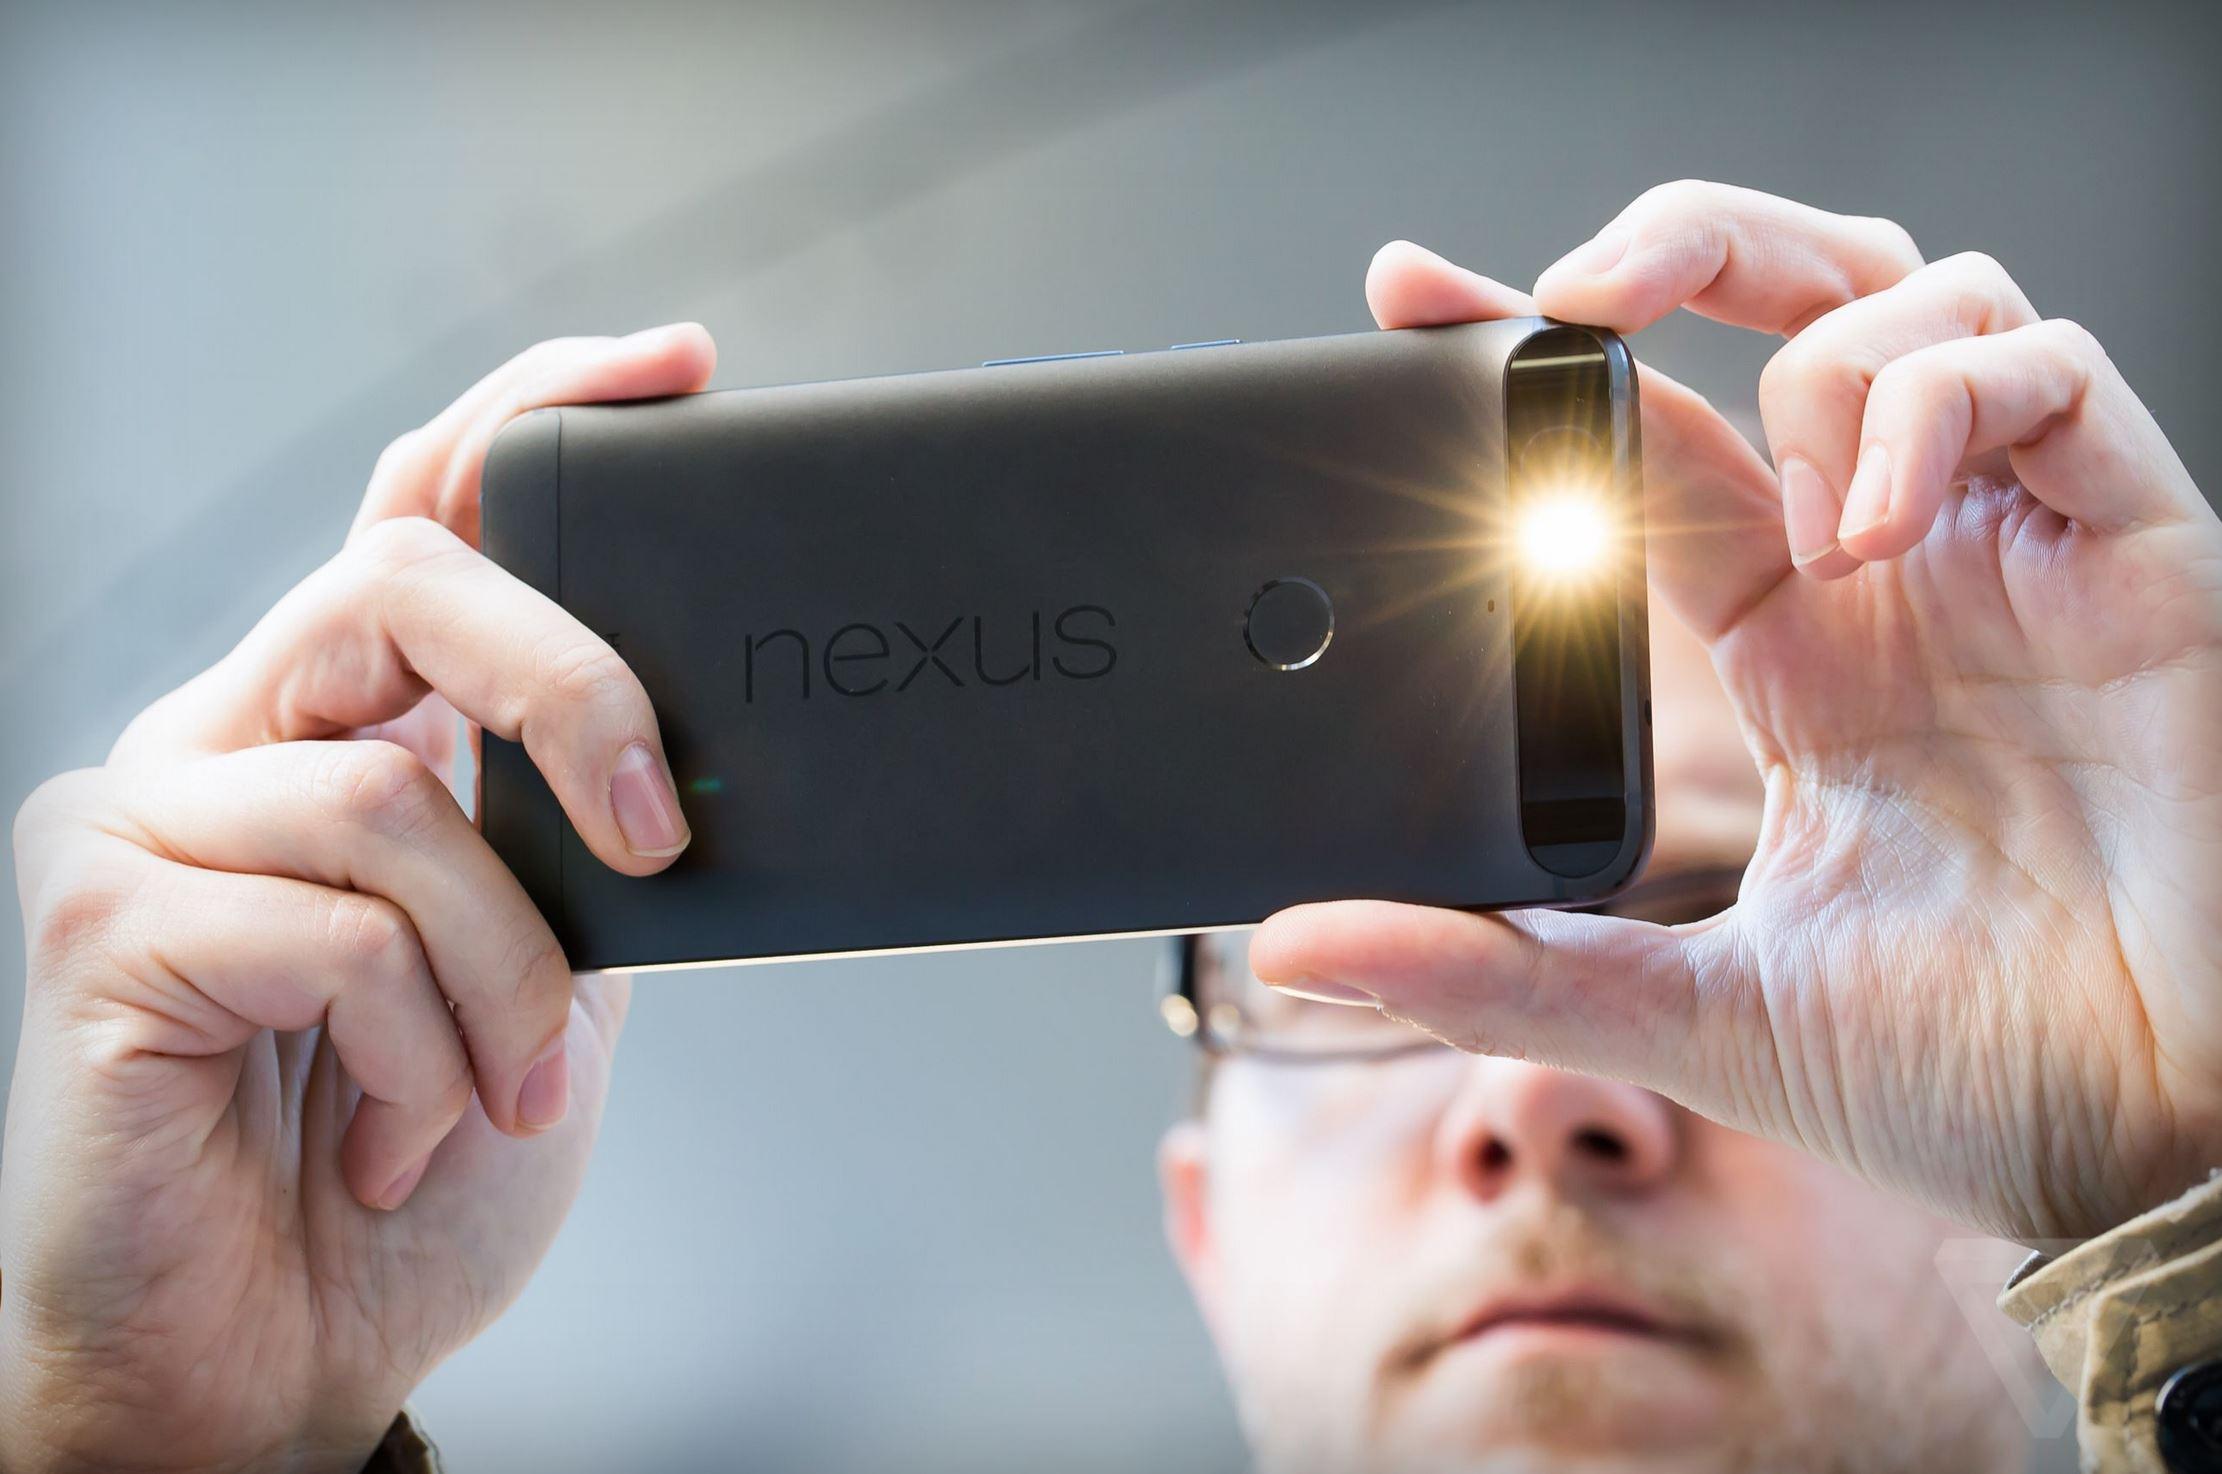 گوگل تصمیمی برای ارائه محصولات جدید با برند نکسوس ندارد